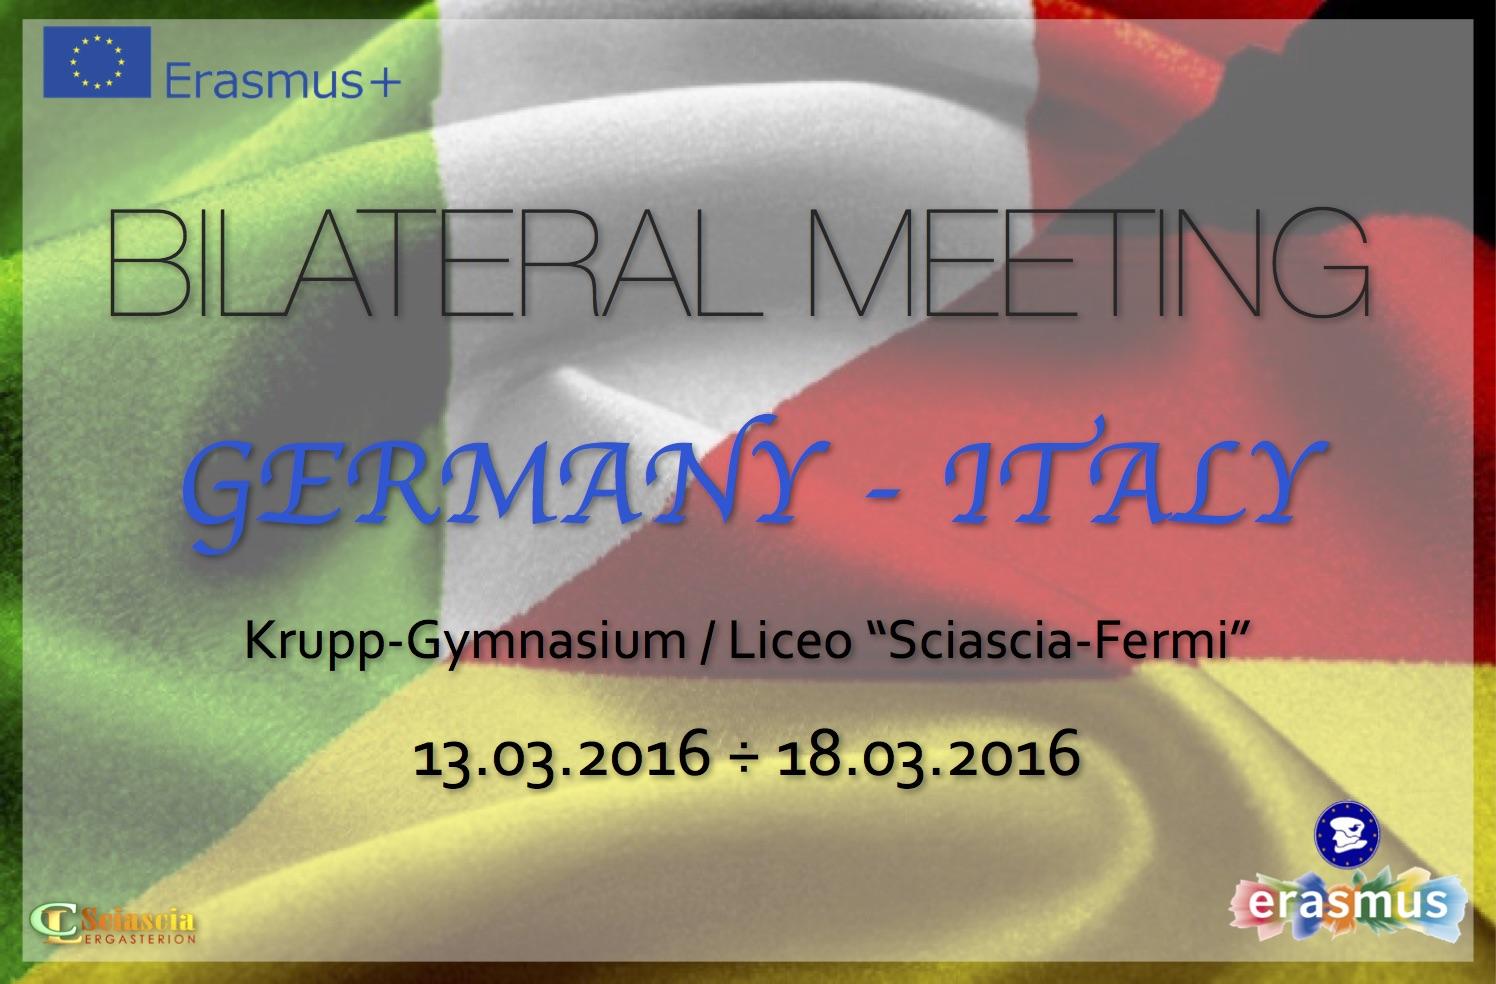 Erasmus+ - Bilateral Meeting con il Krupp Gymnasium - 13-18.03.2016